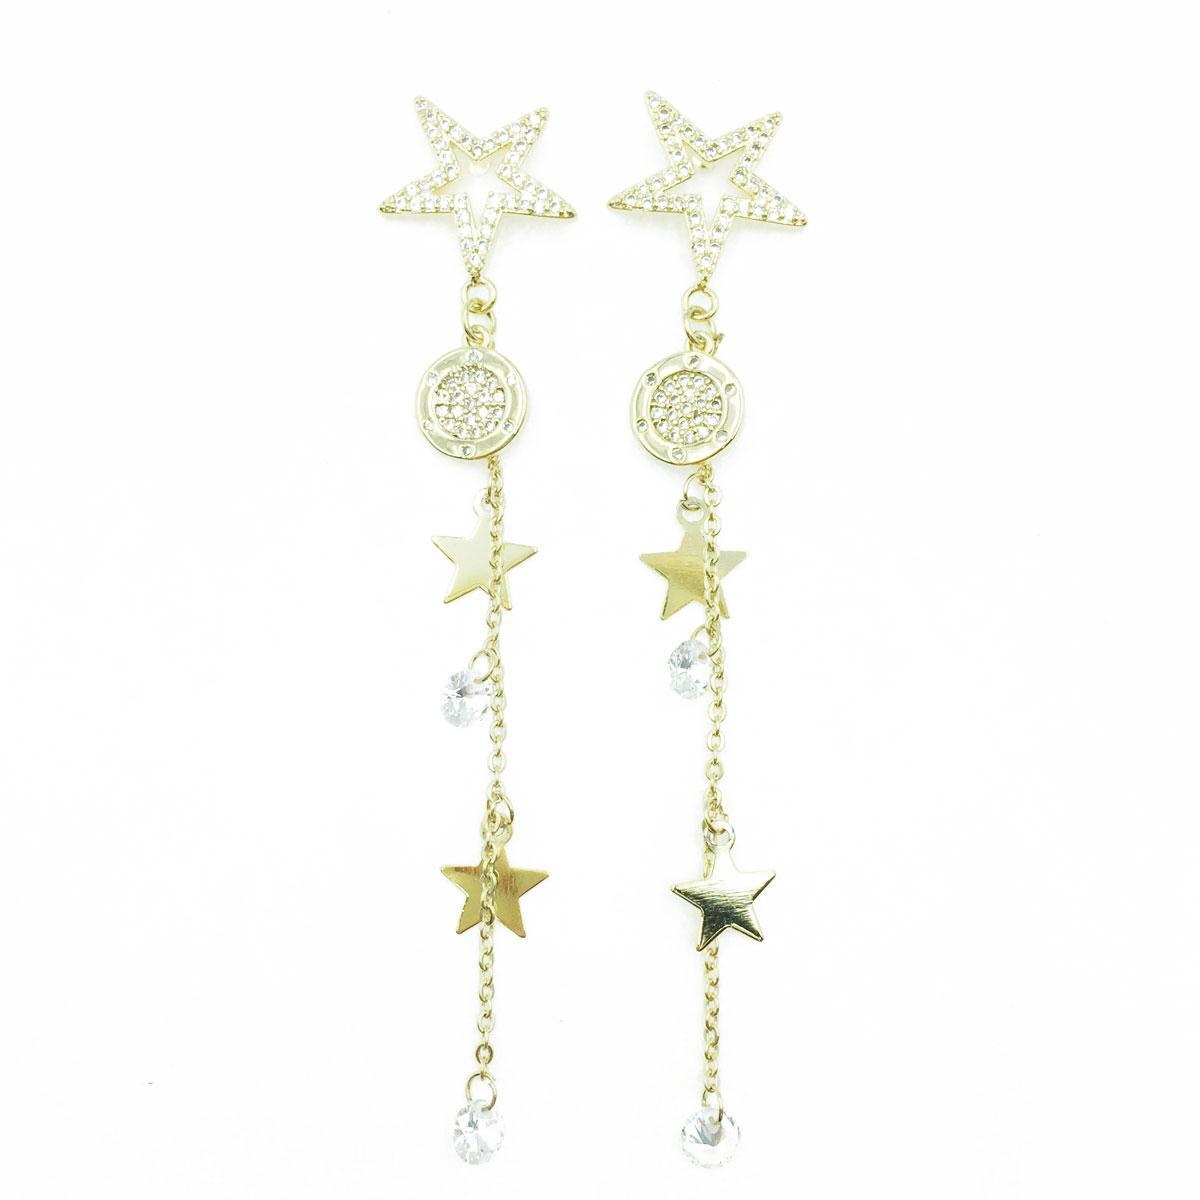 韓國 925純銀 簍空 金屬 星星 水鑽 垂墜感 耳針式耳環